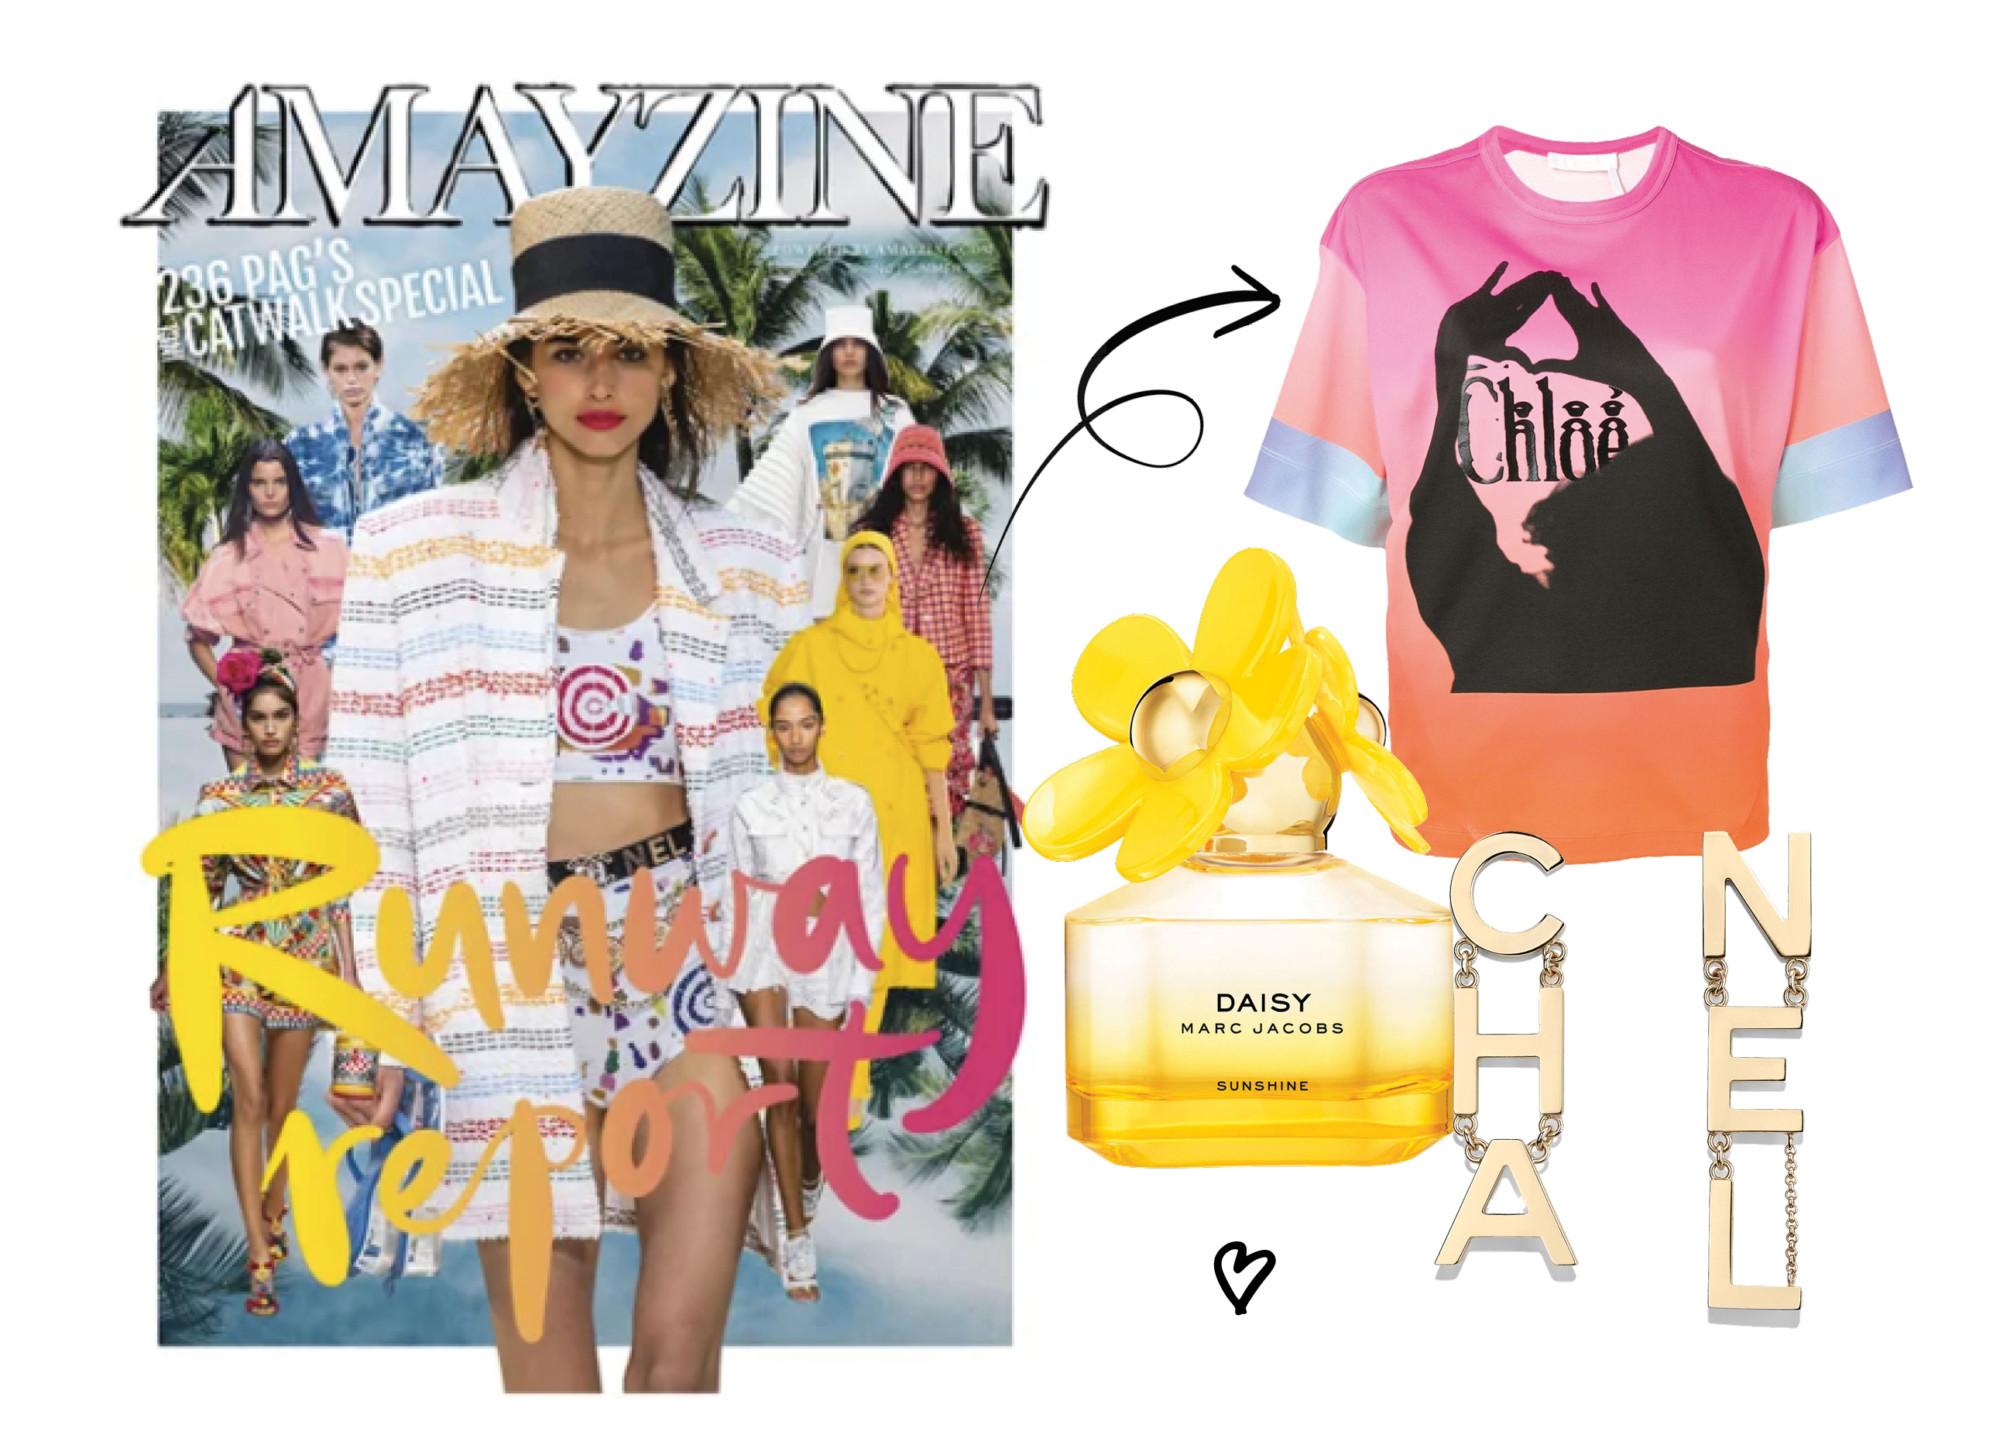 shopping met amayzine magazine chanel oorbellen en chloe shirt en marc jacobs daisy parfum runway report